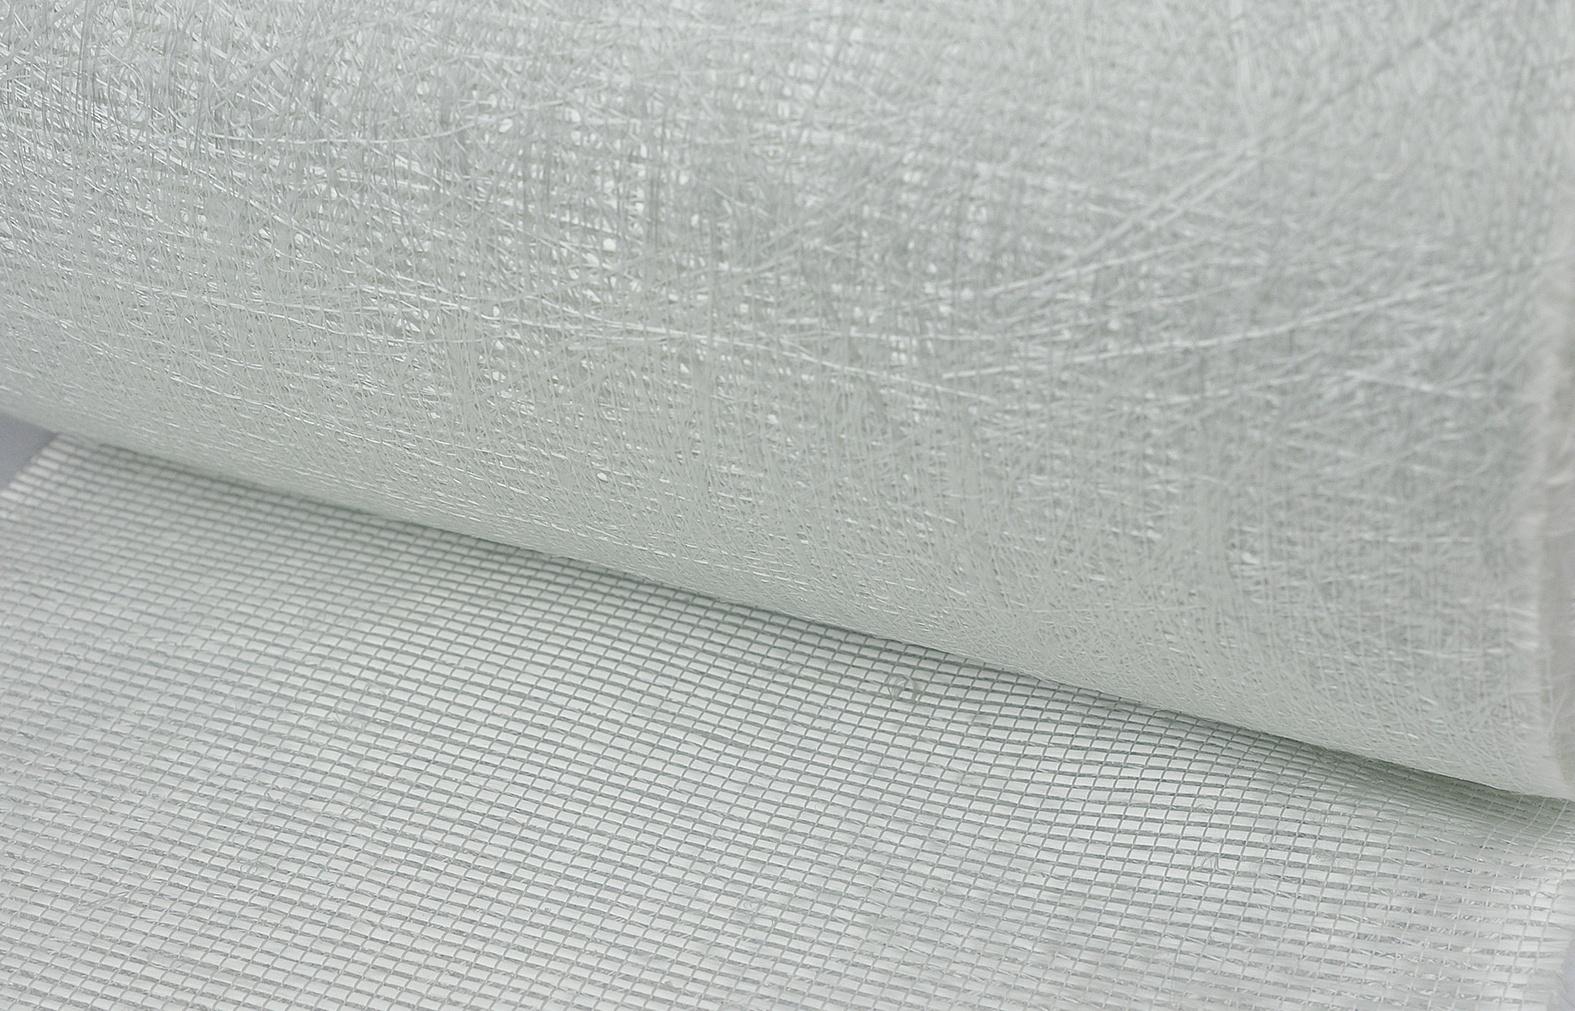 玻璃纤维缝编织物--单纬向织物图片